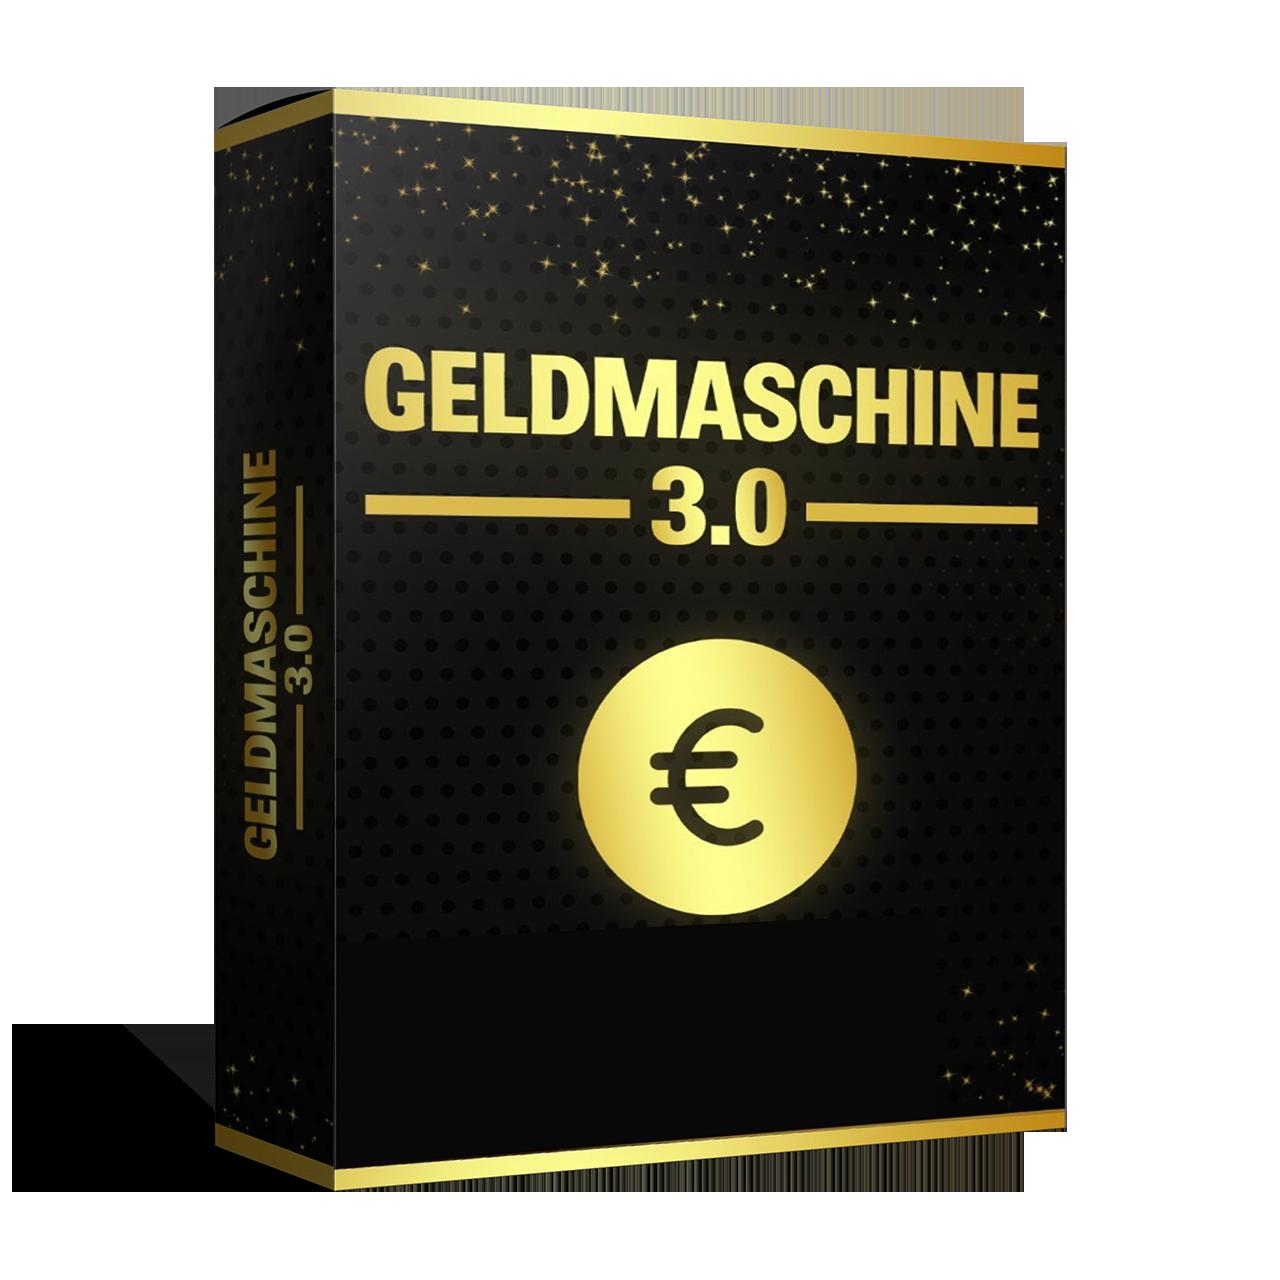 Geldmaschine3.0